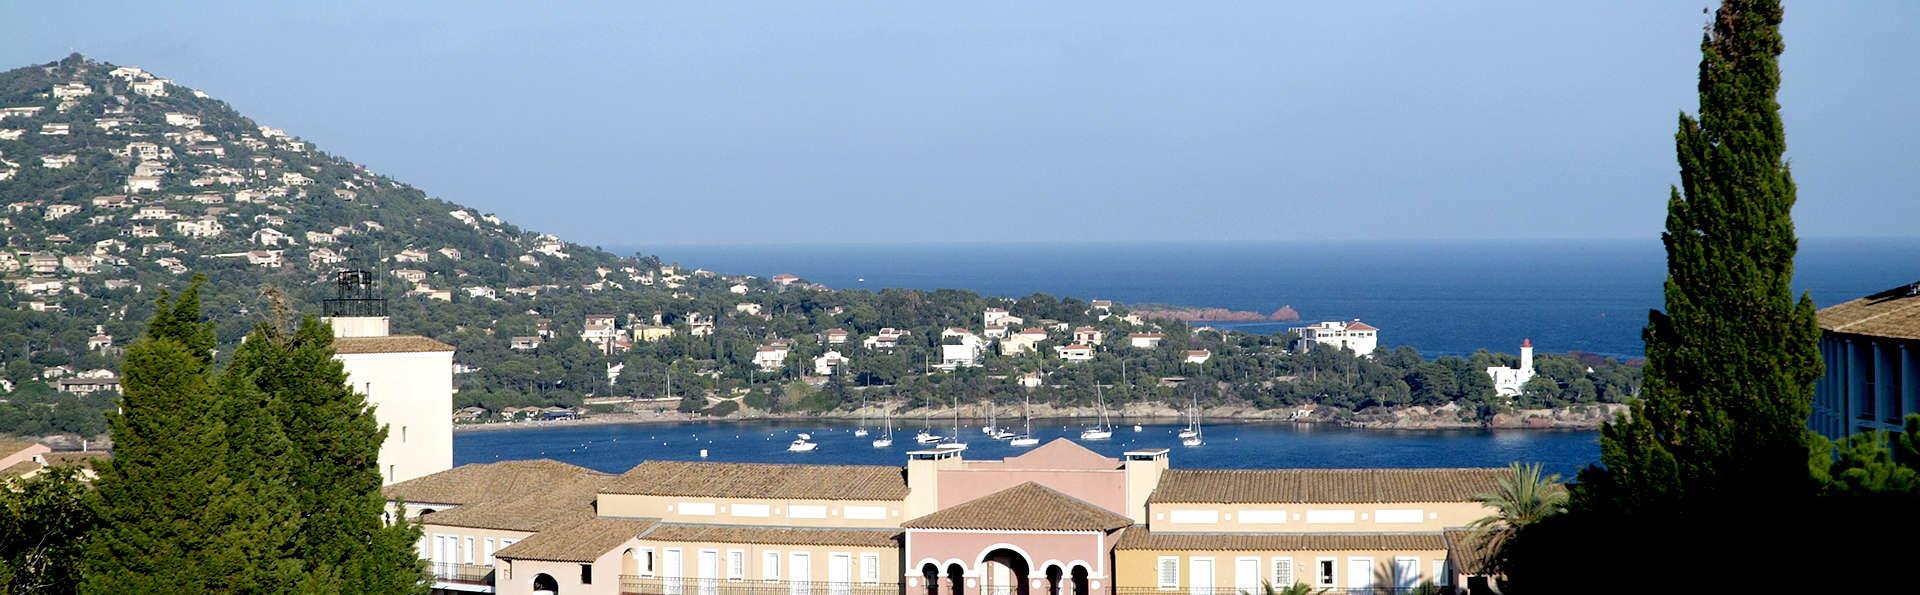 Pierre et Vacances Village Cap Esterel - Edit_View2.jpg